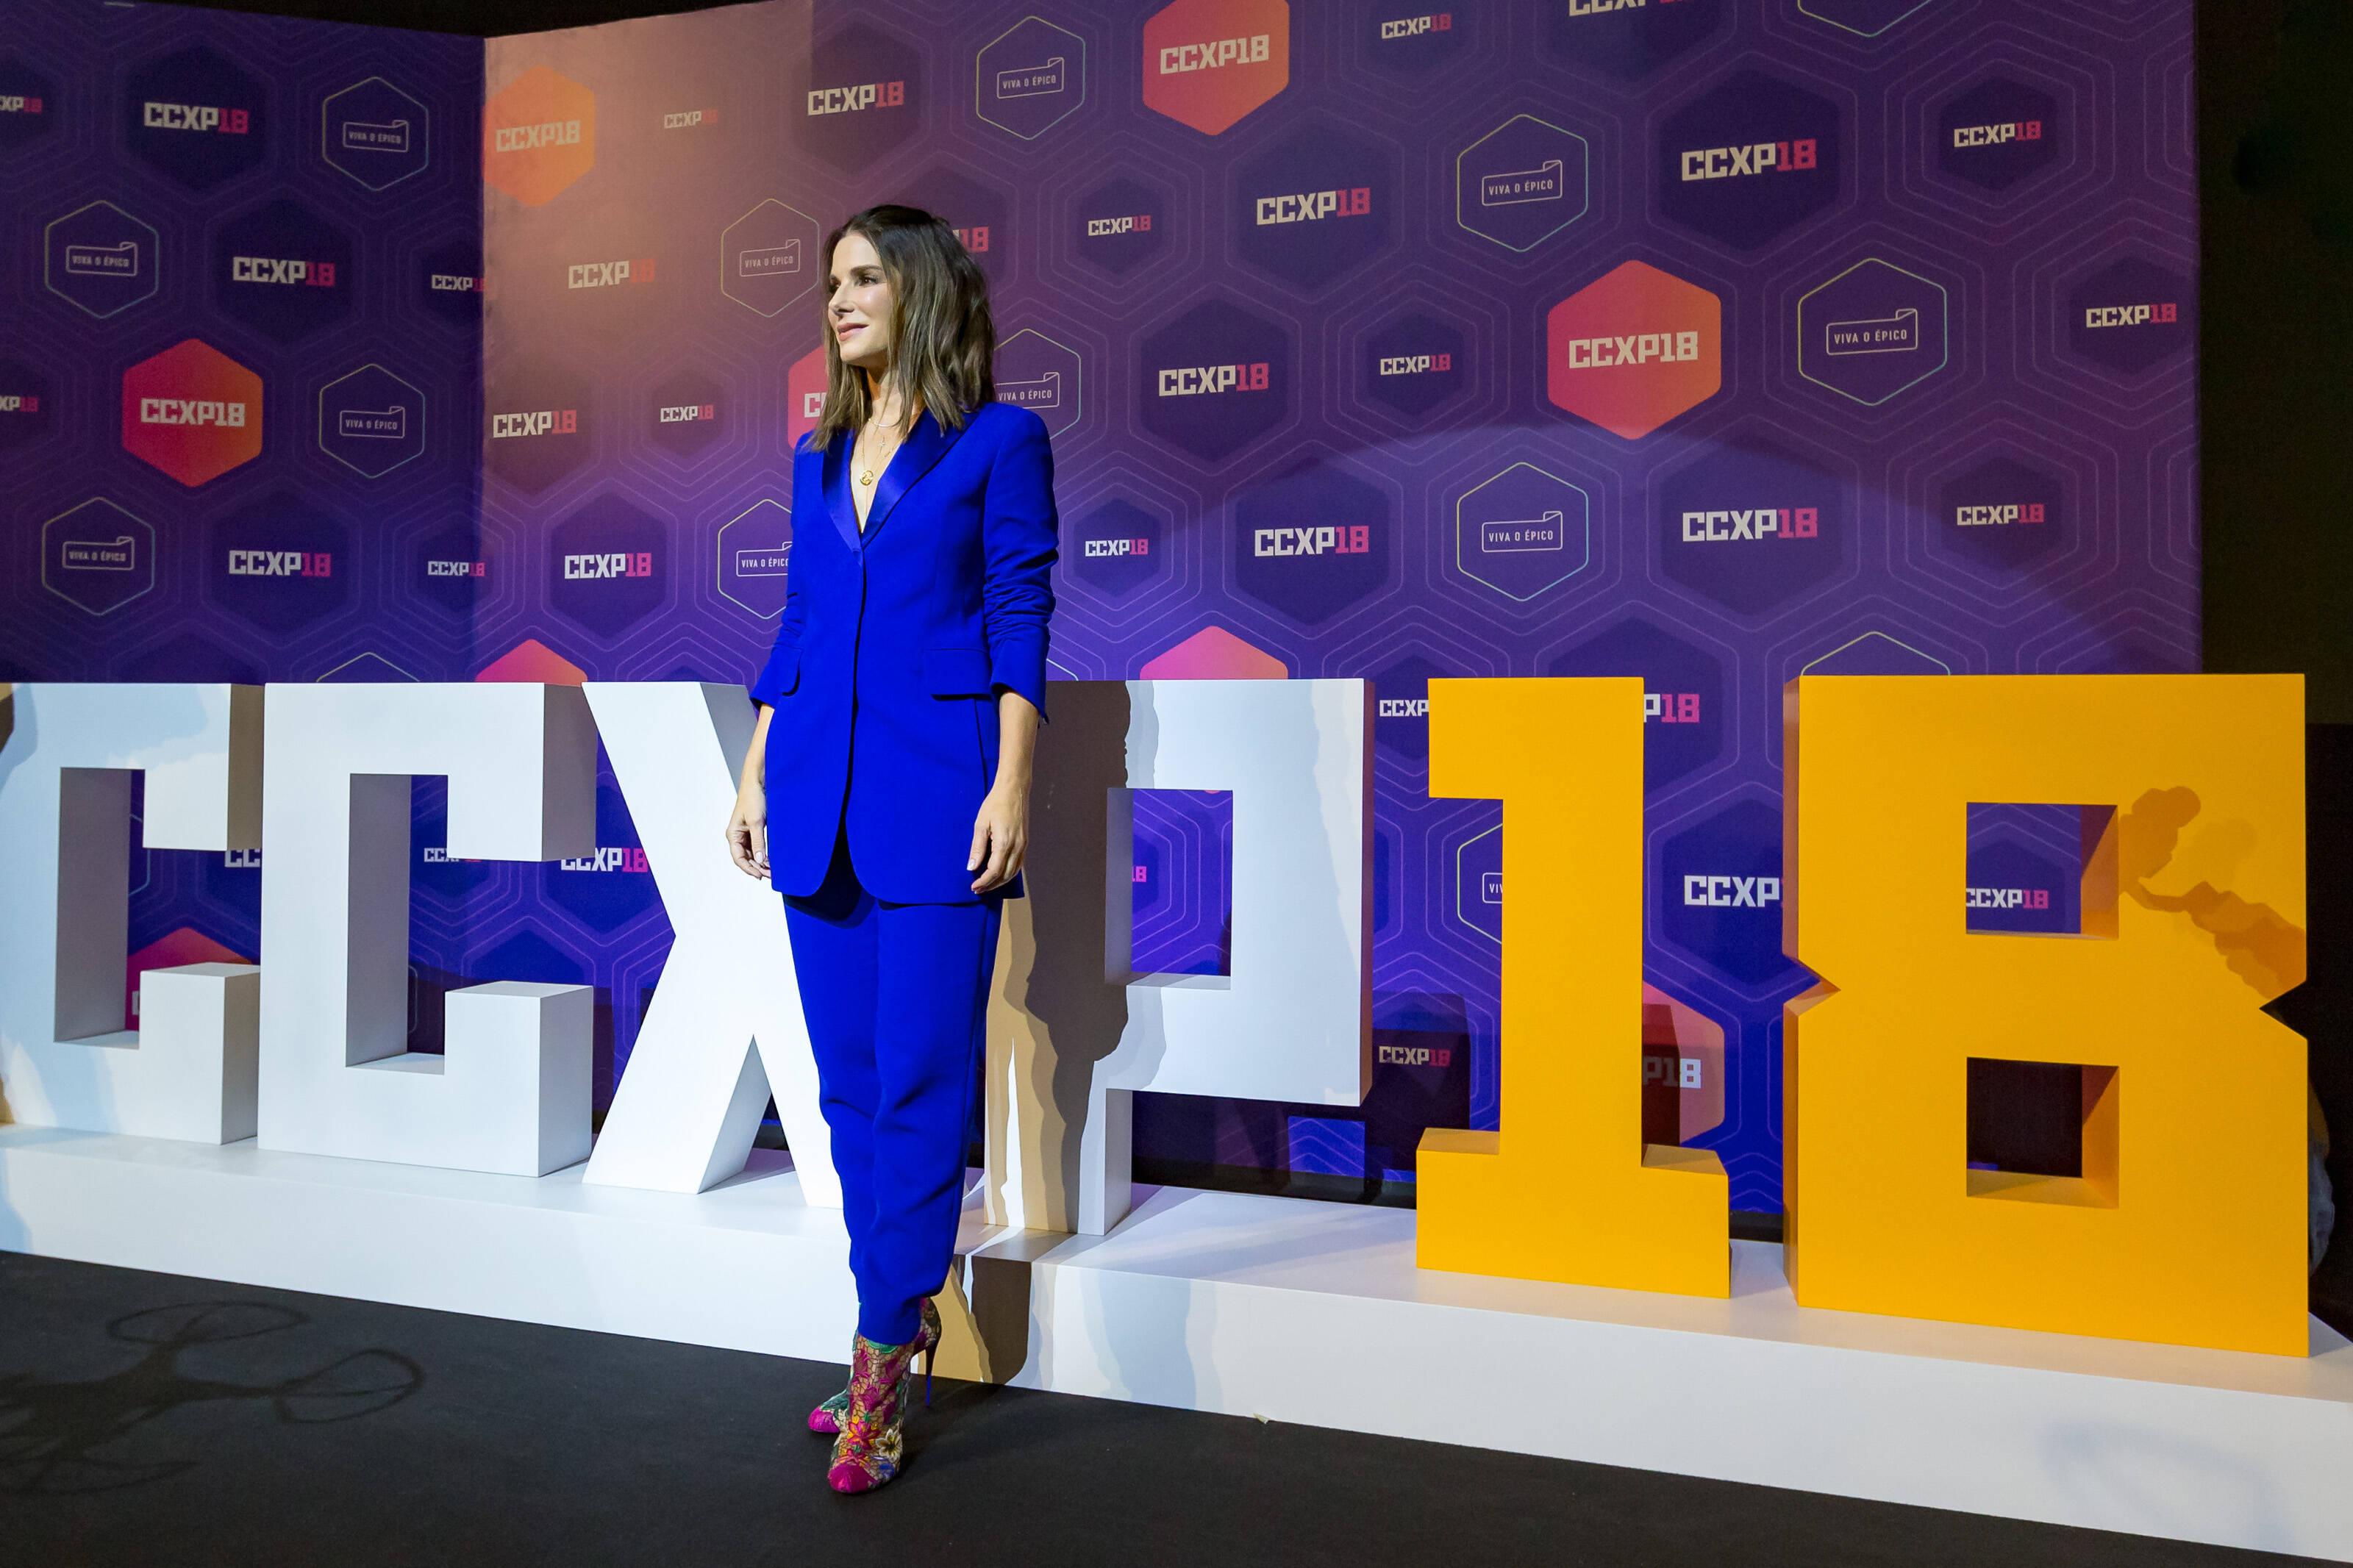 Melhores momentos CCXP 2018. Foto: DIVULGAÇÃO/ NETFLIX